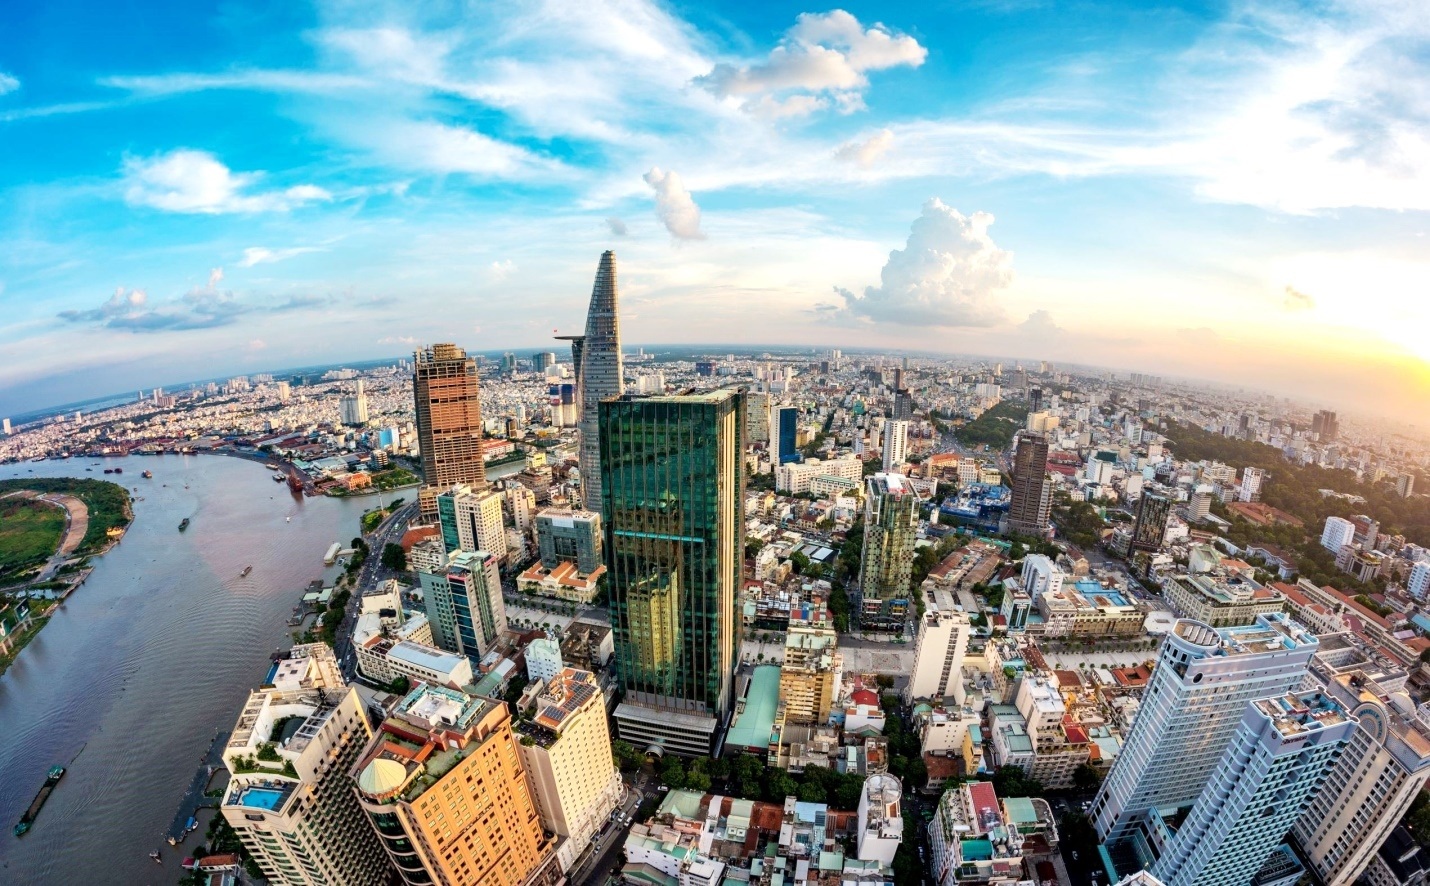 Thành phố Hồ Chí Minh phấn đấu thu ngân sách gần 2 triệu tỷ đồng cho kế hoạch 5 năm